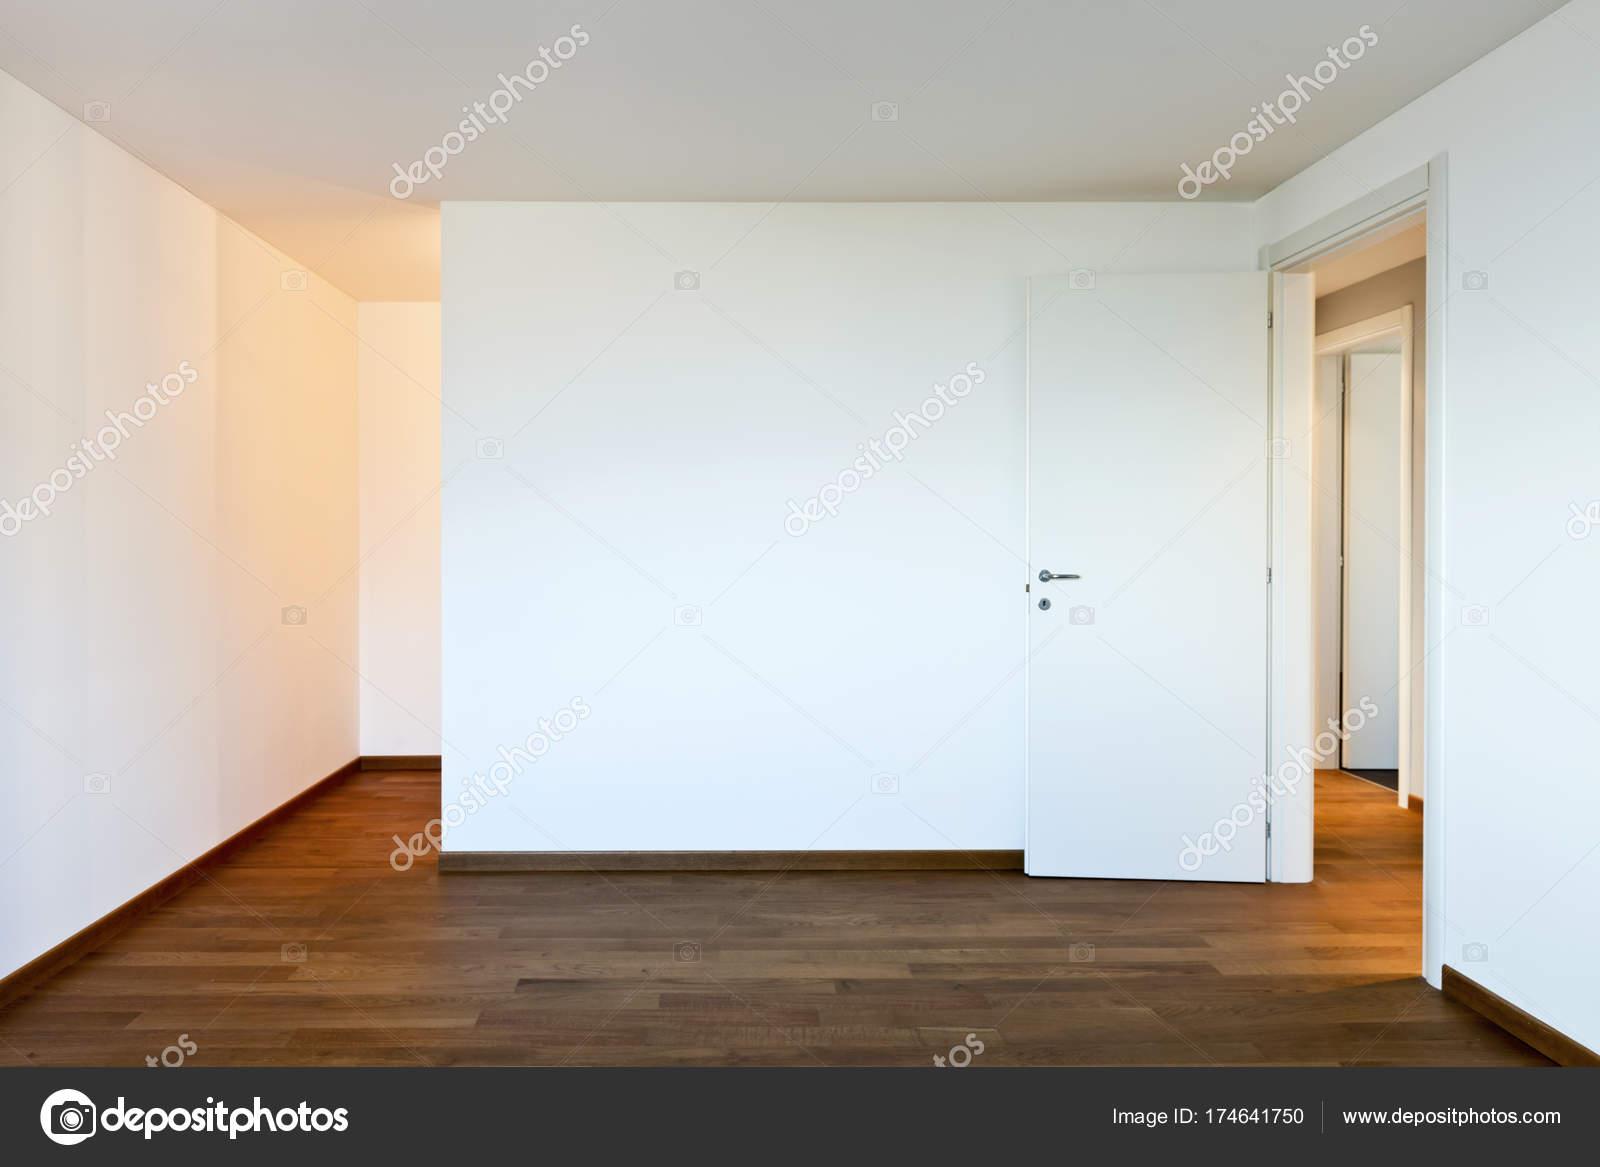 Modernes Haus Innenräume, niemand — Stockfoto © Zveiger #174641750